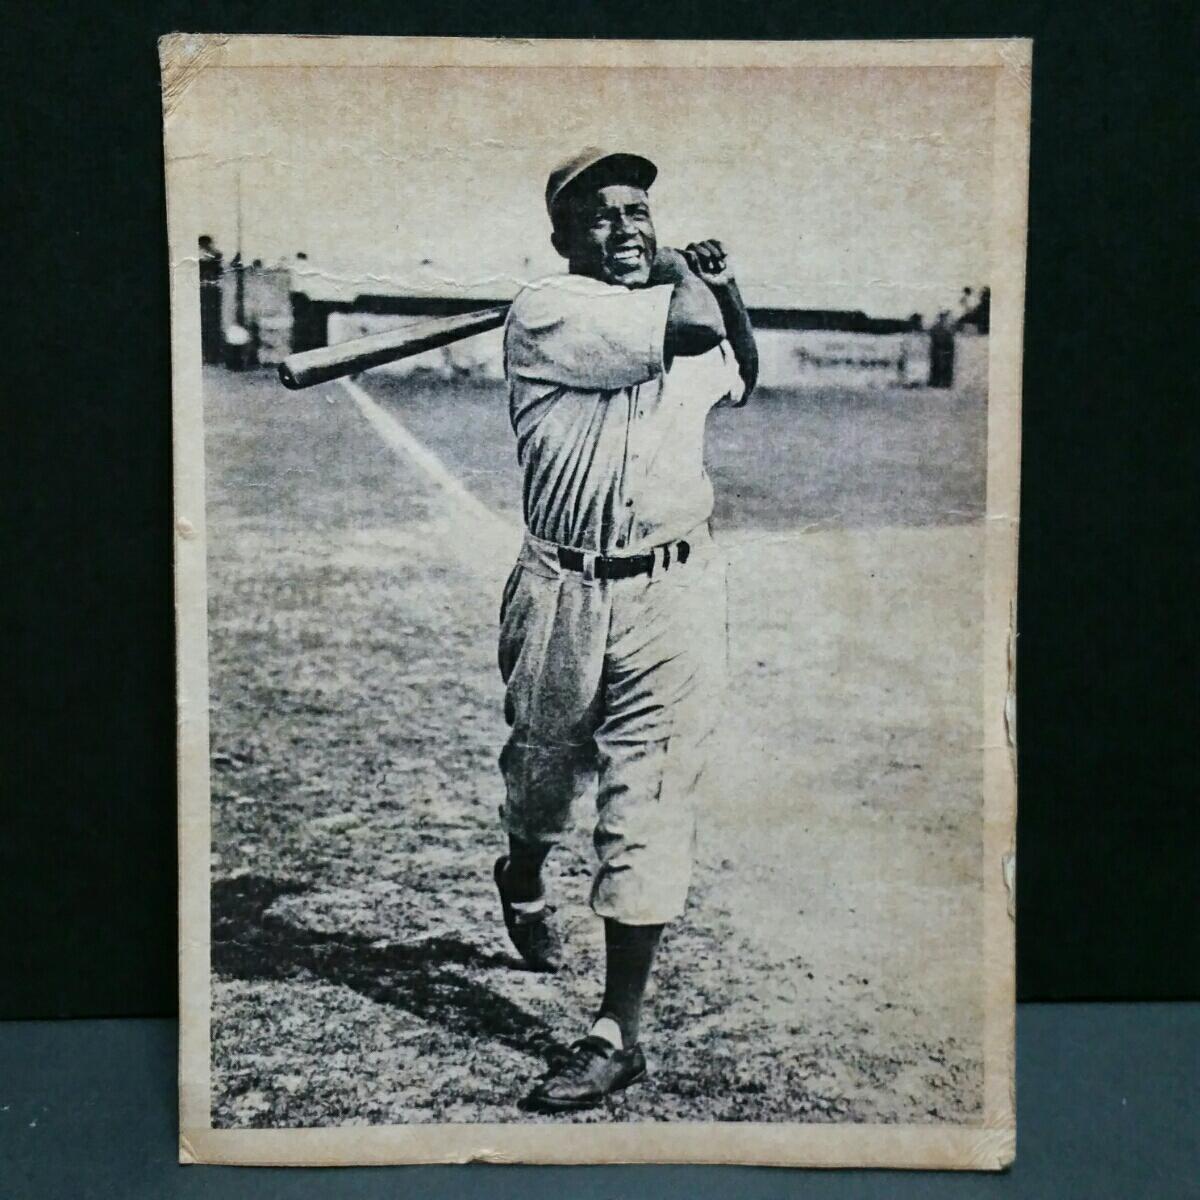 1940年代 黒人初MLB選手 ジャッキー・ロビンソン 野球ブロマイドカード /日米野球1956年来日 野球殿堂 ドジャース ルーキー ニグロ グッズの画像